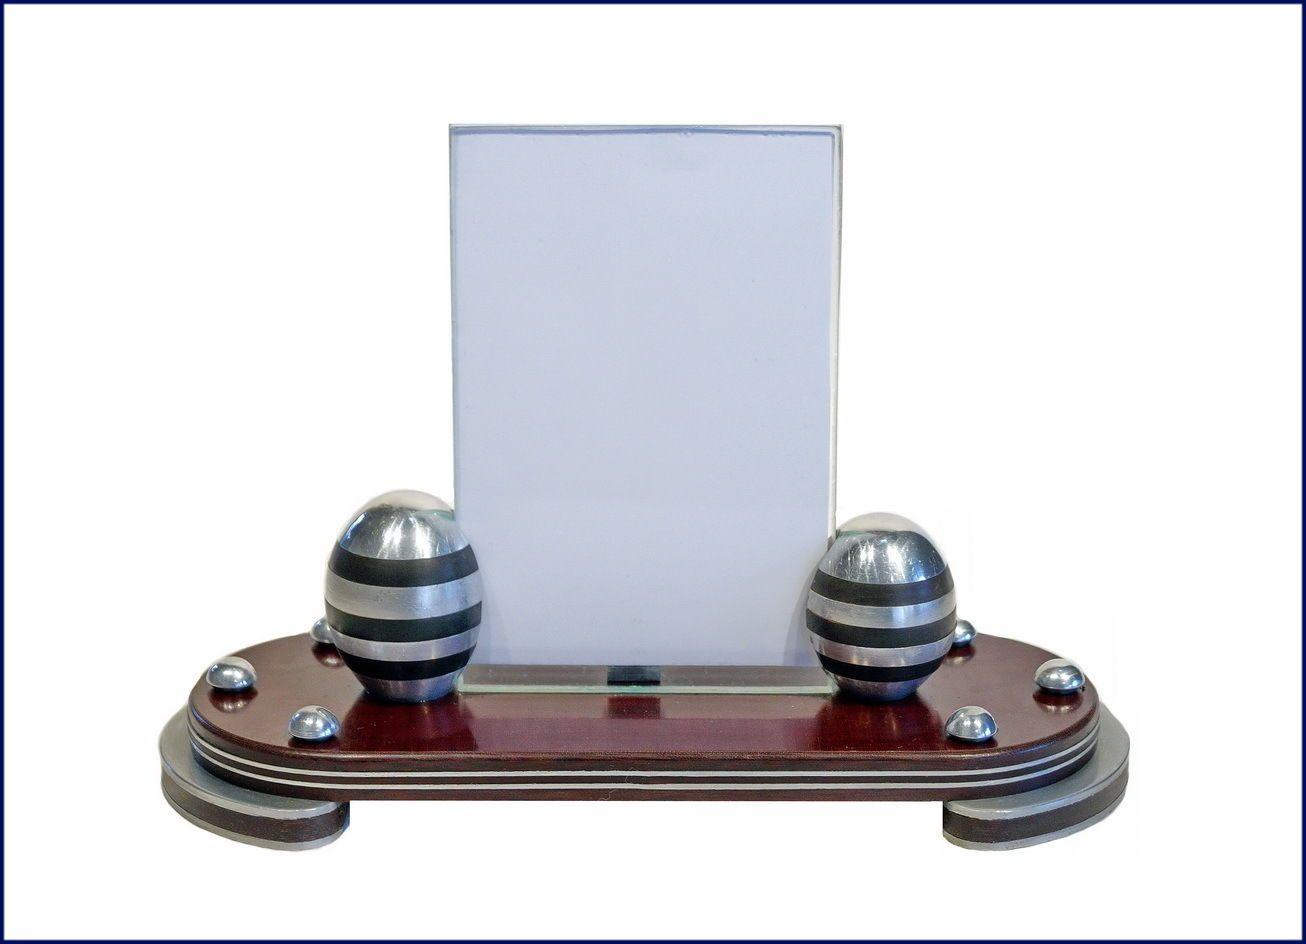 Art deco Fotohalter, Design (# 4997) | eBay | Deco Objects ...